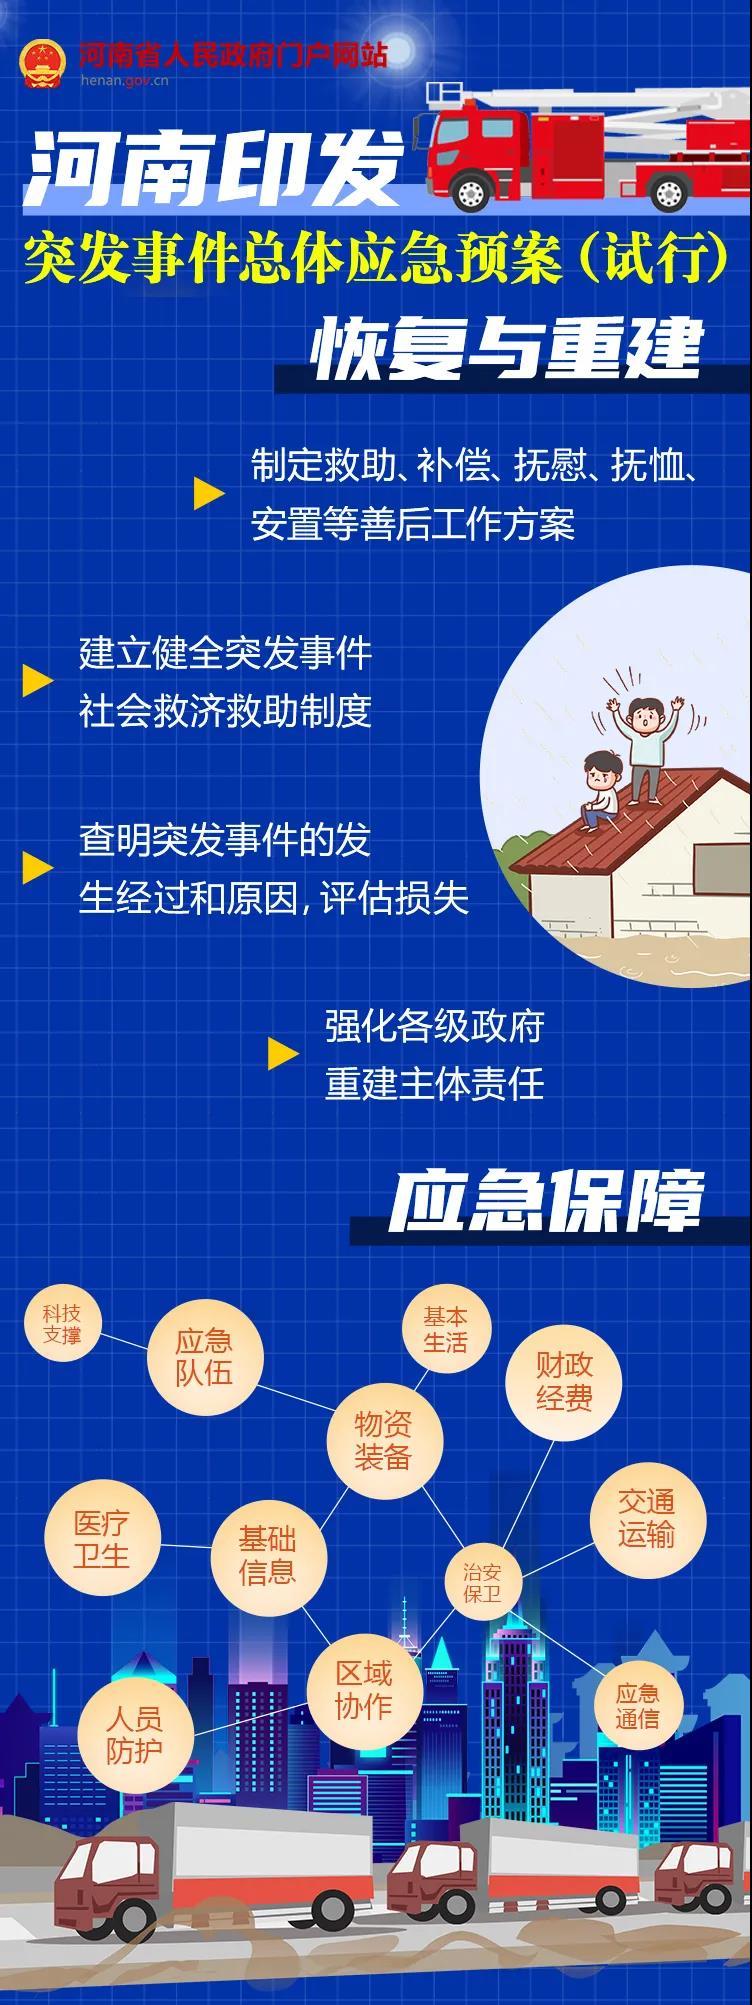 河南省突发事件总体应急预案(试行)系列图解之三